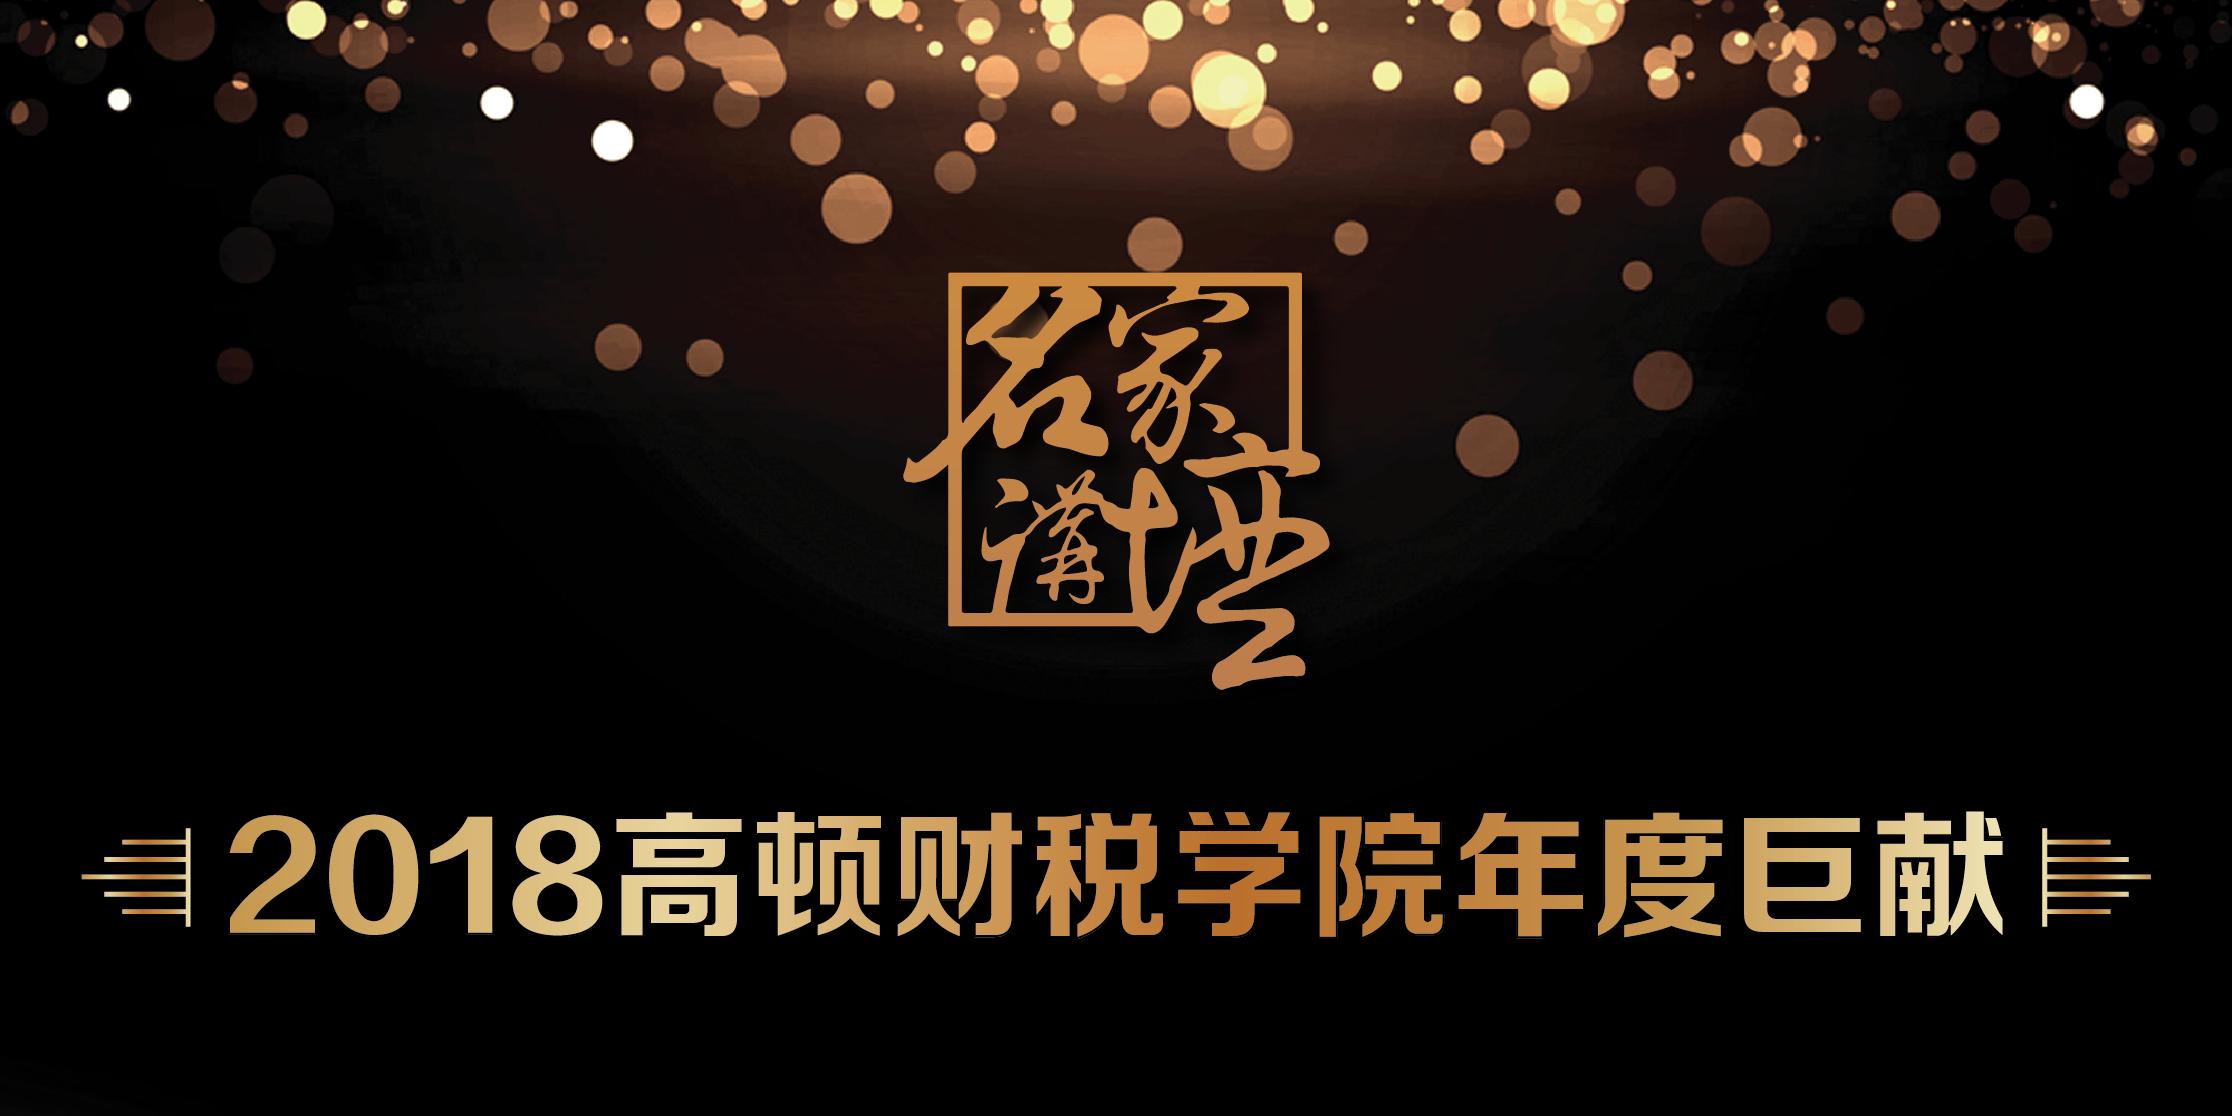 【名家講壇-孫立堅】展望宏觀經濟 解讀大國博弈